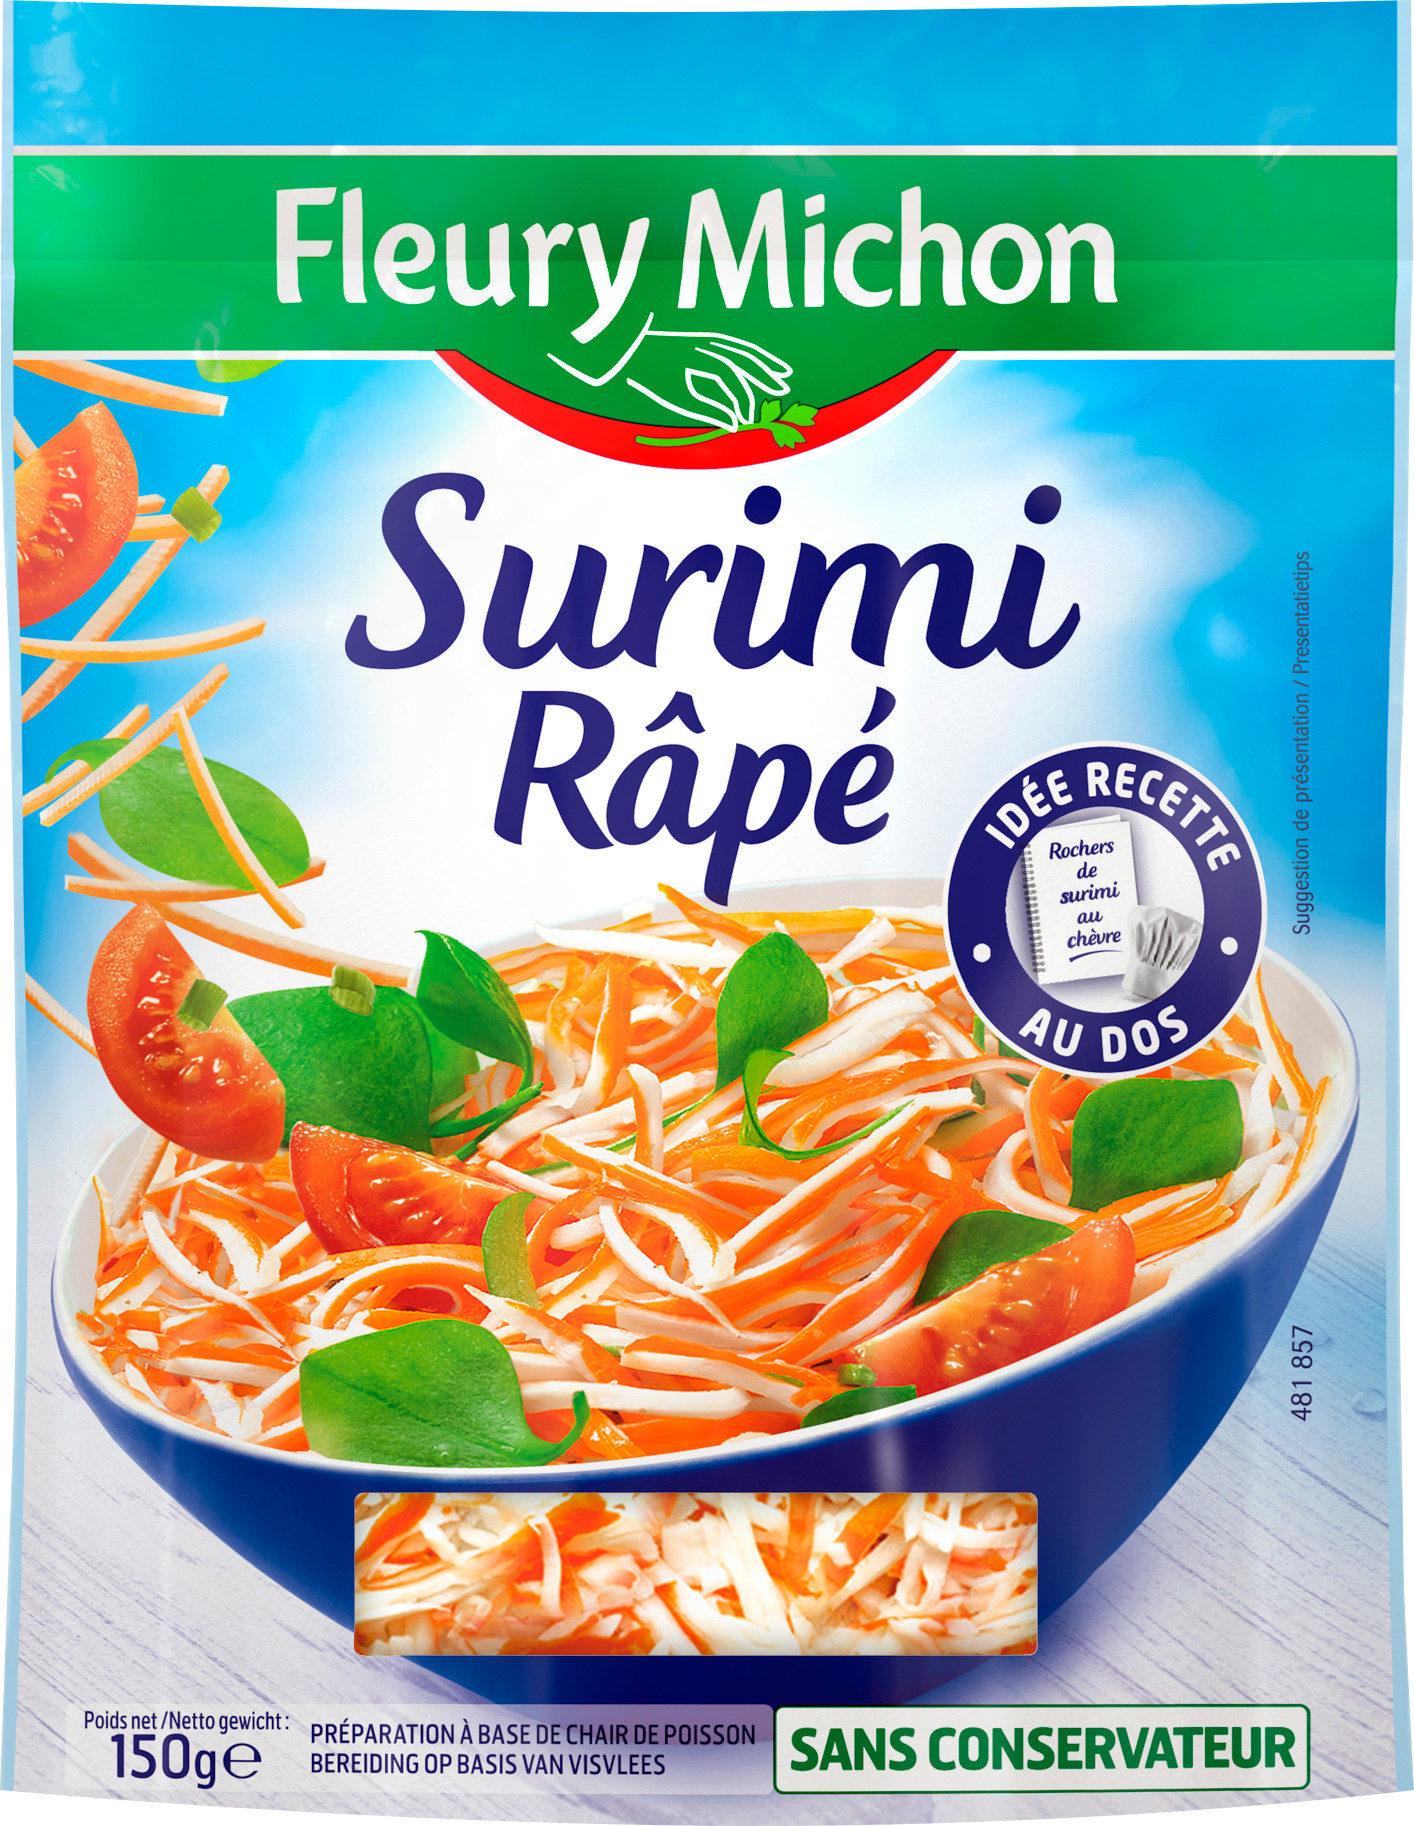 Surimi rapé, Fleury Michon (150 g)